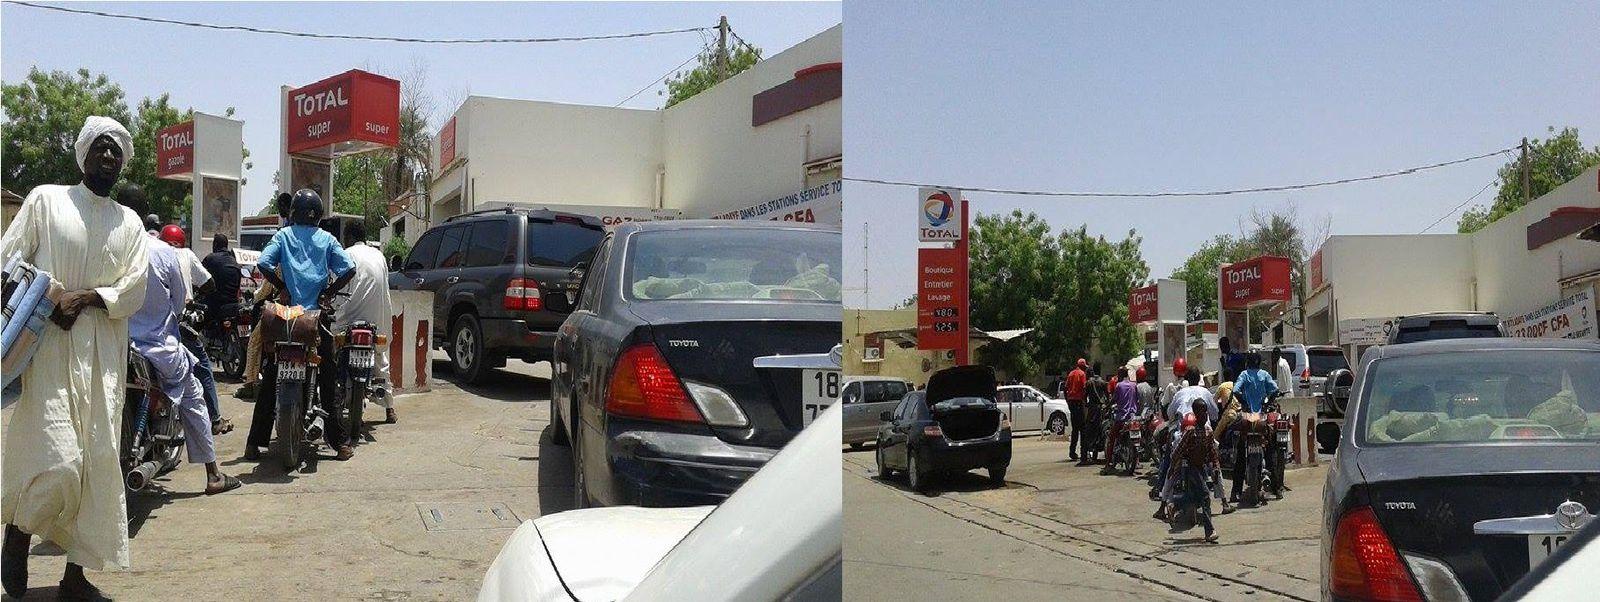 Tchad : le pays de nouveau plongé dans la pénurie des carburants